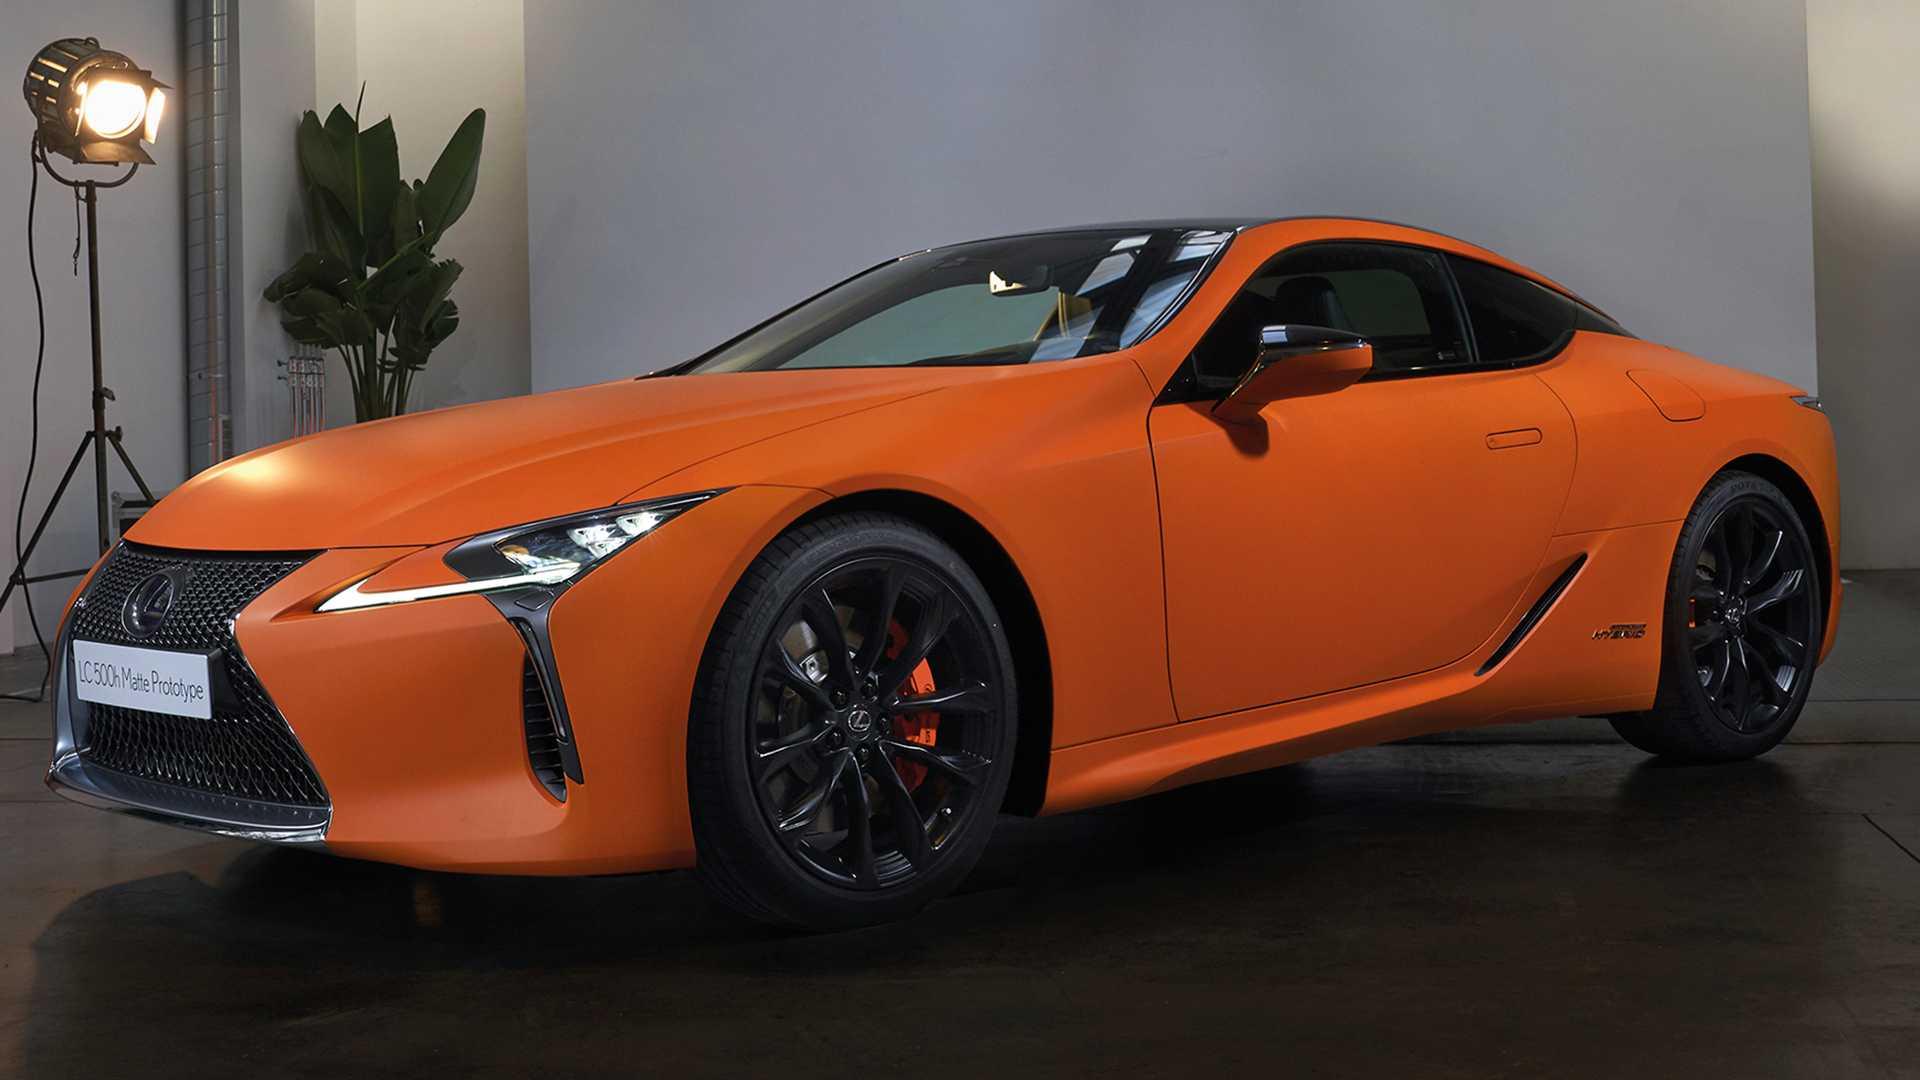 lexus-lc-500h-matte-prototype-space-orange-12